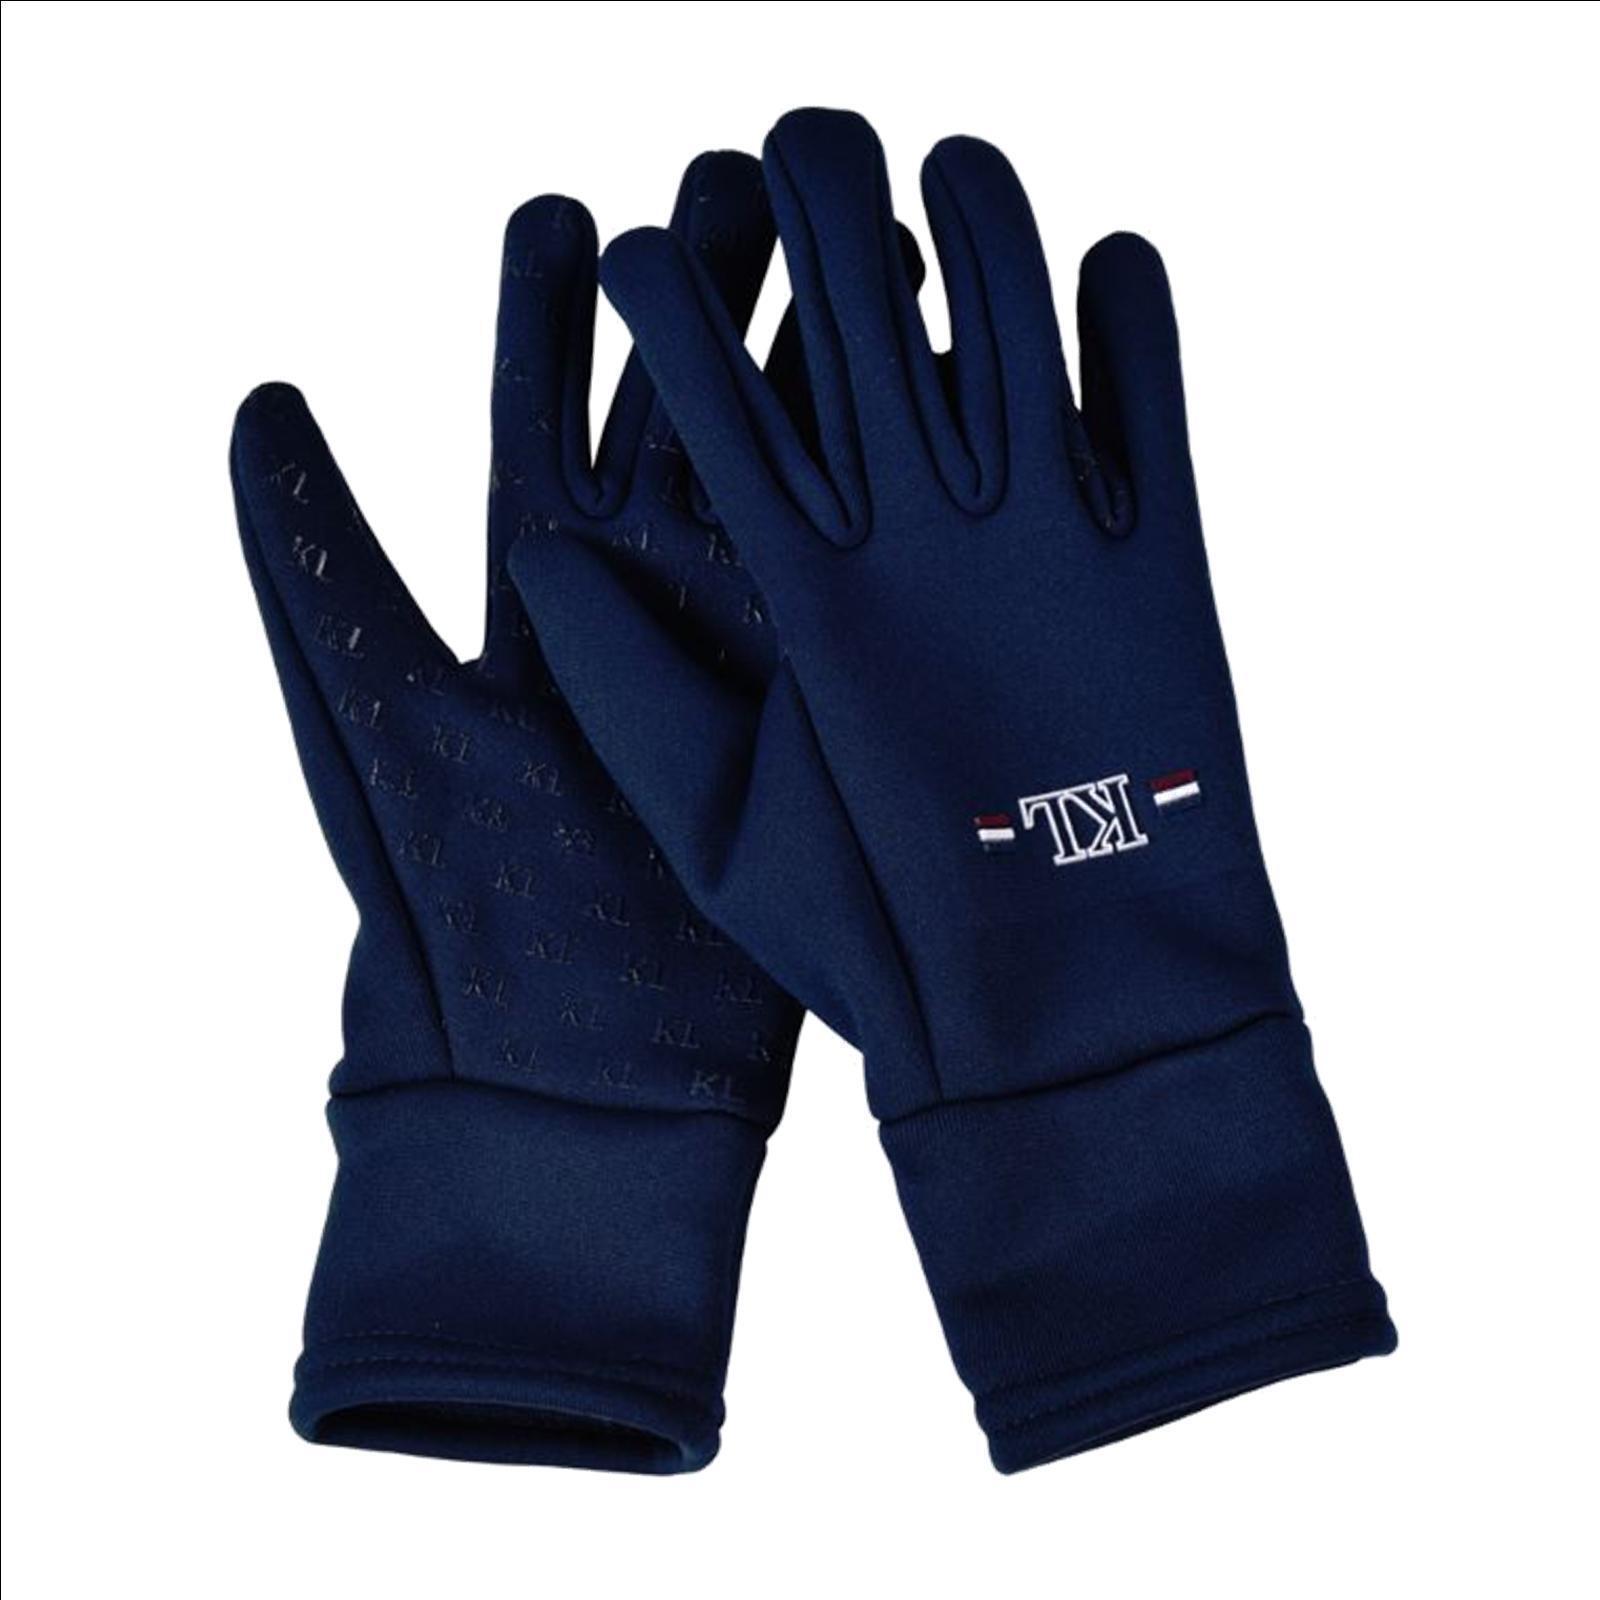 Kingsland Fleecehandschuhe   KIM   , Handschuhe, Handschuhe, Handschuhe, Winterhandschuhe 0196ab